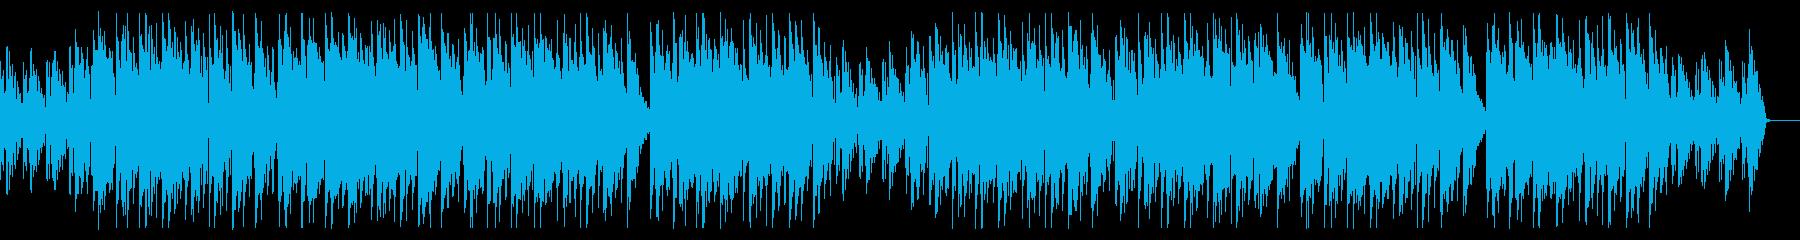 クールでメロディアスなお洒落なエレクトロの再生済みの波形